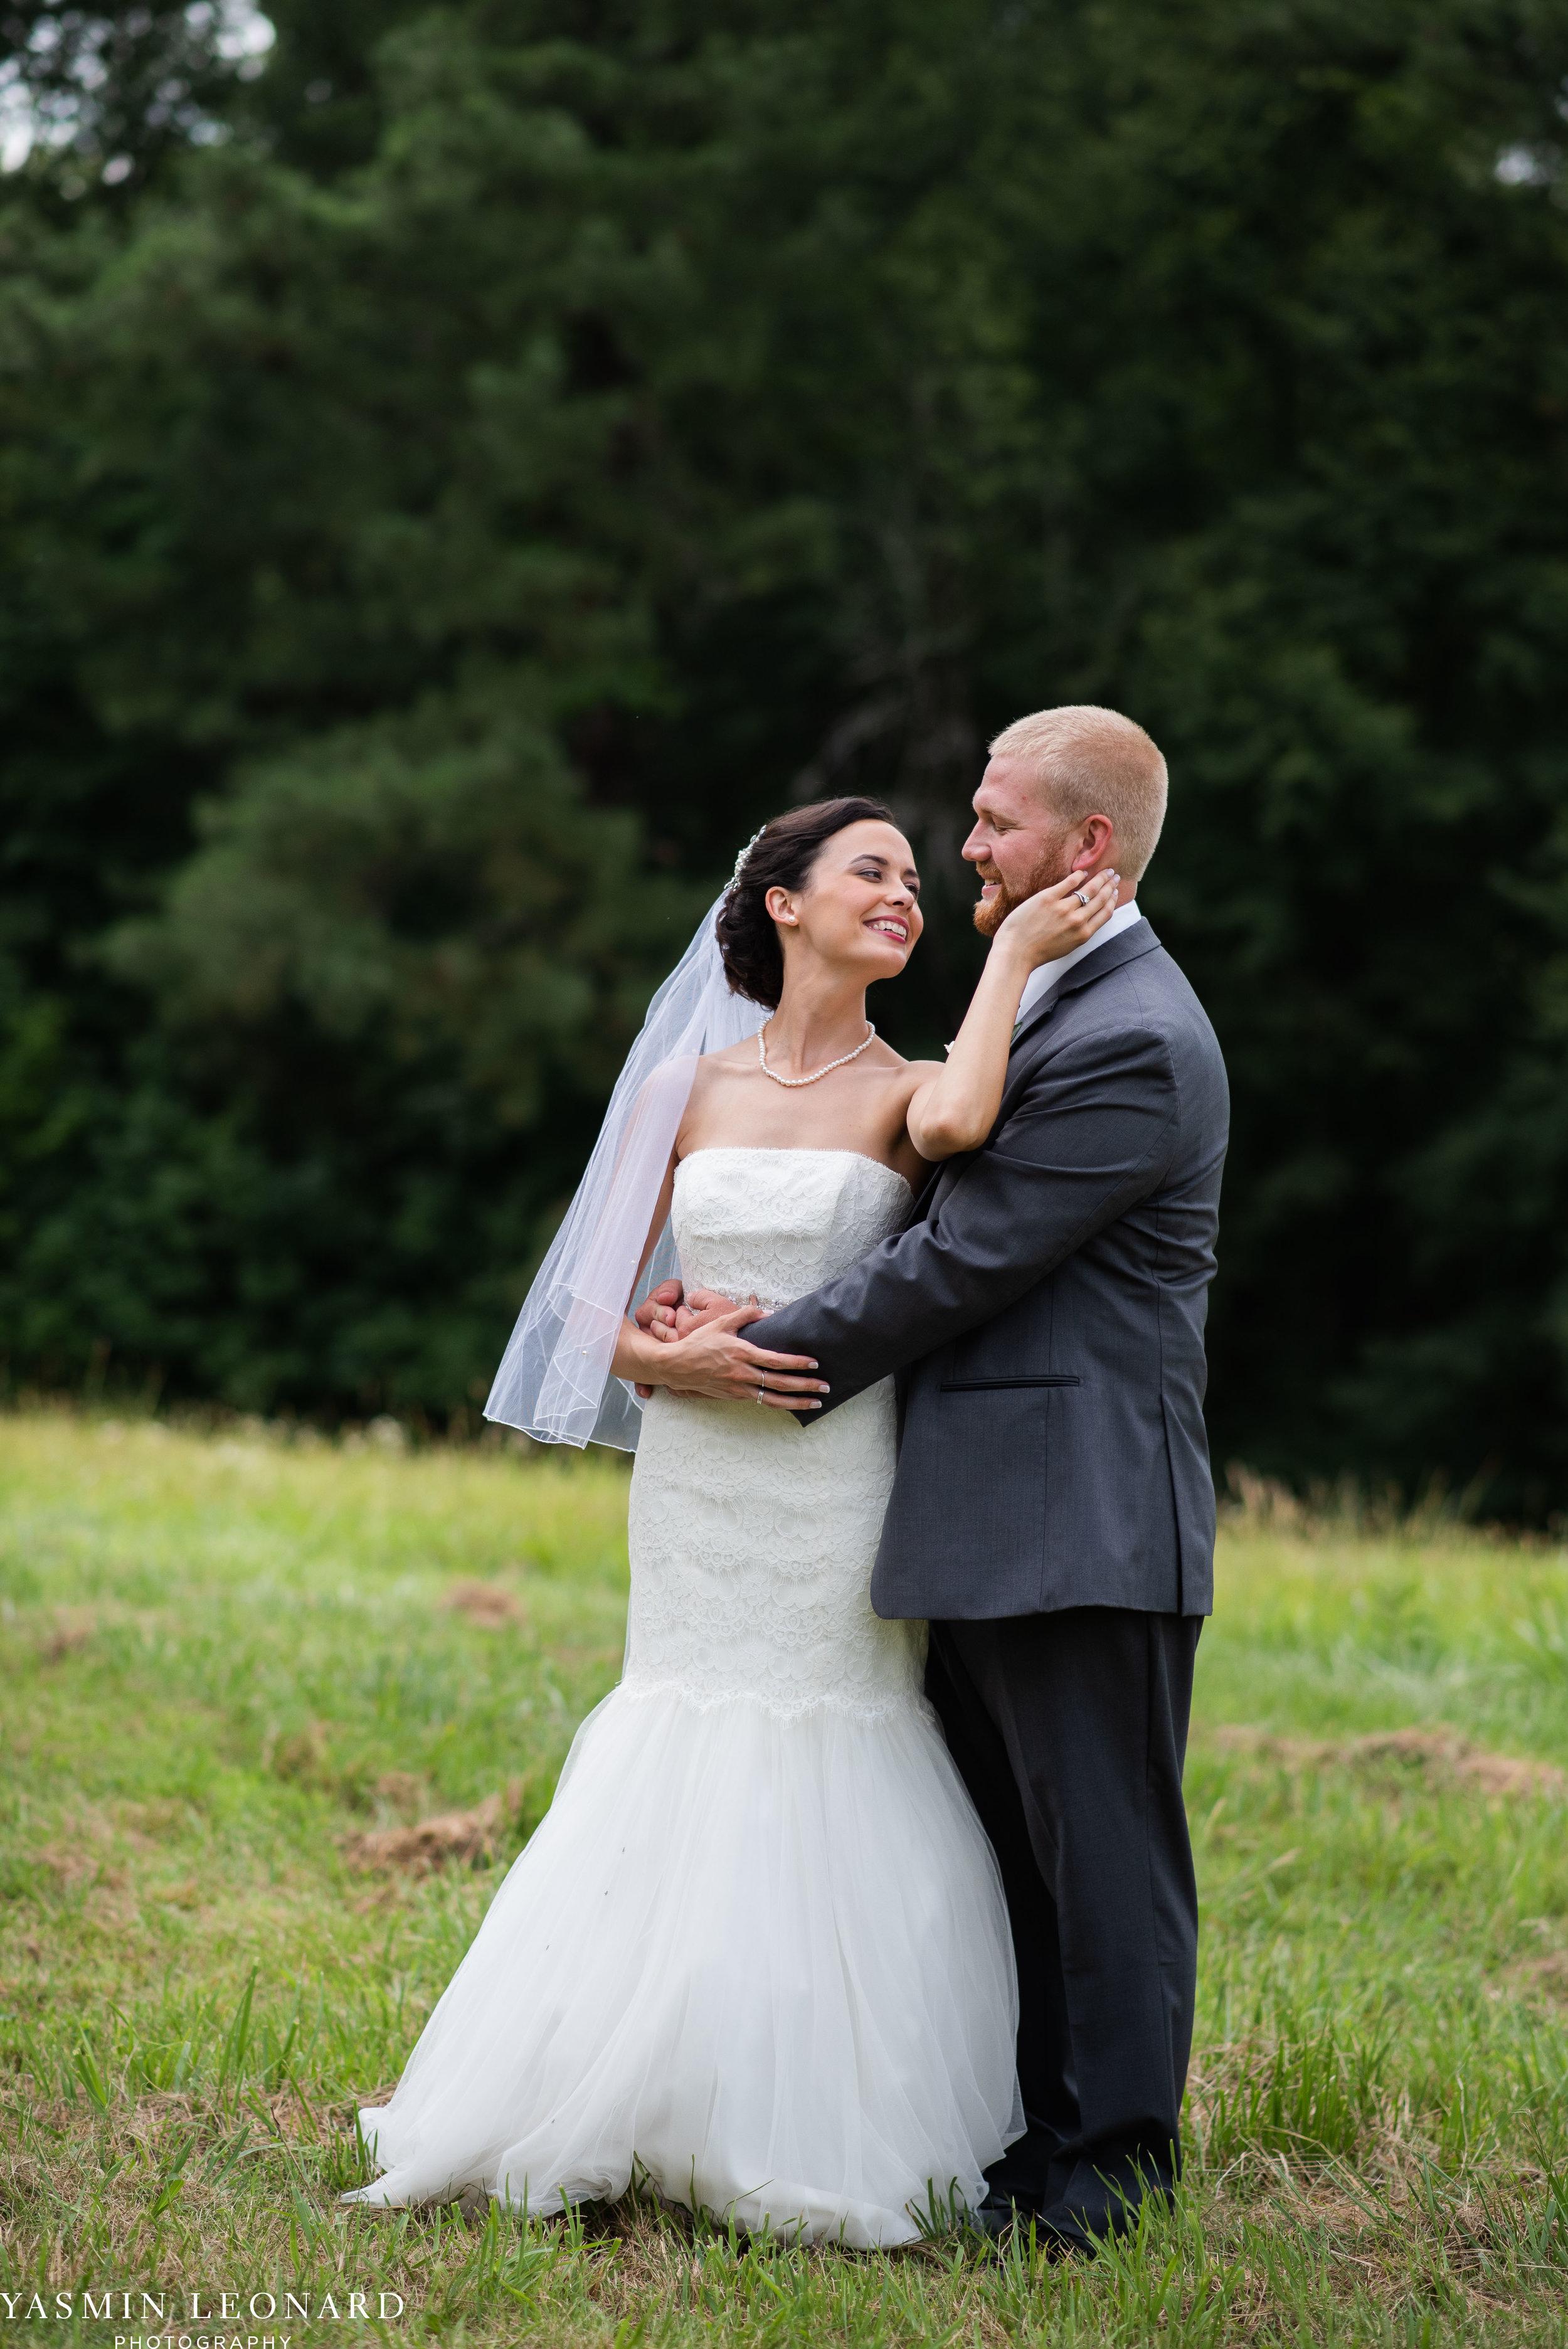 Mt. Pleasant Church - Church Wedding - Traditional Wedding - Church Ceremony - Country Wedding - Godly Wedding - NC Wedding Photographer - High Point Weddings - Triad Weddings - NC Venues-30.jpg